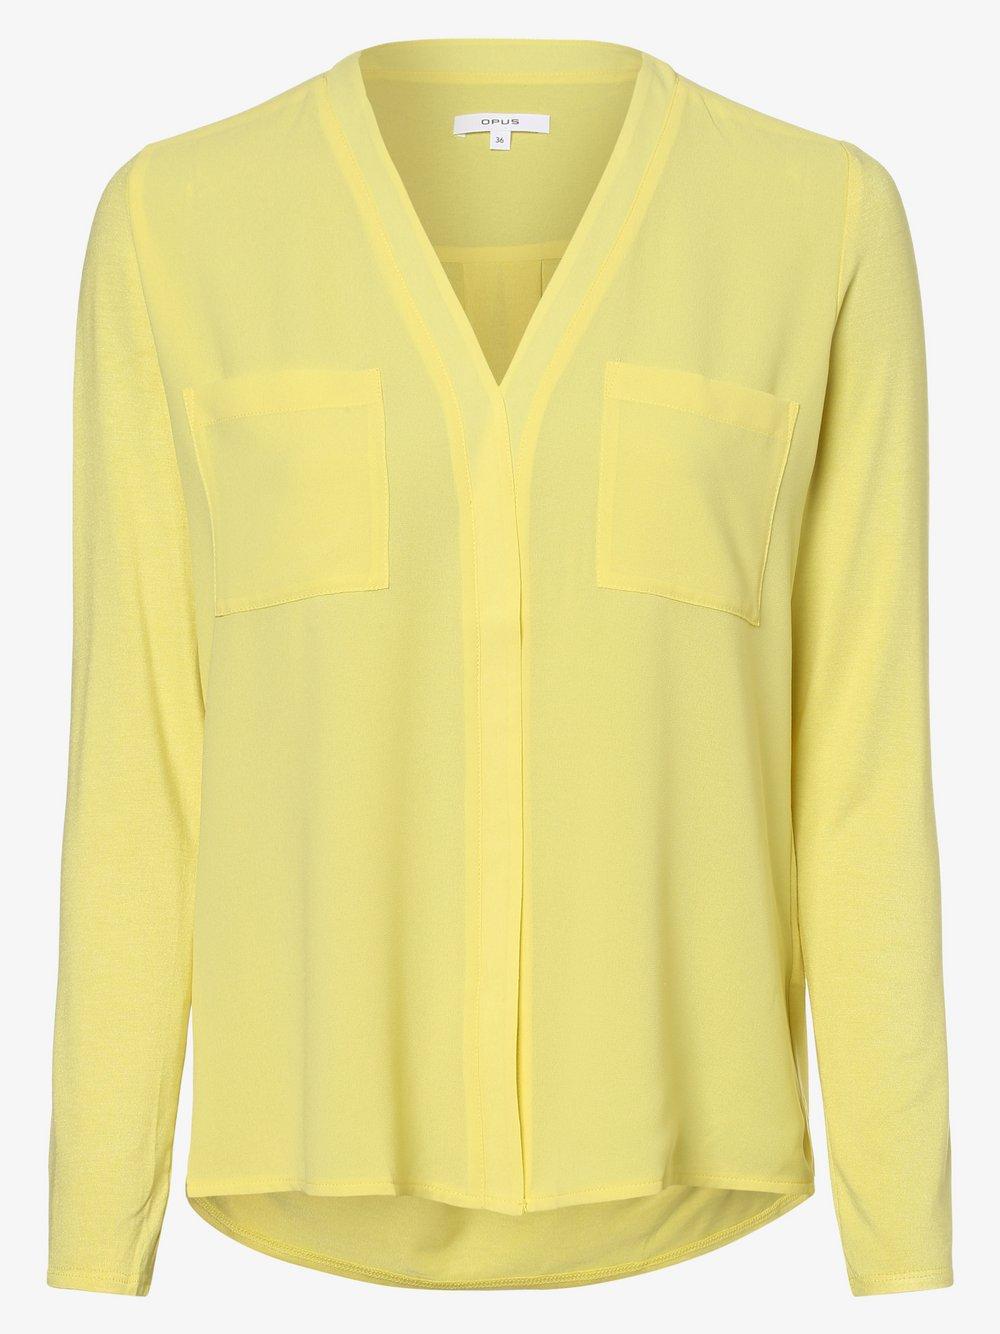 Opus - Bluzka damska – Fesa, żółty